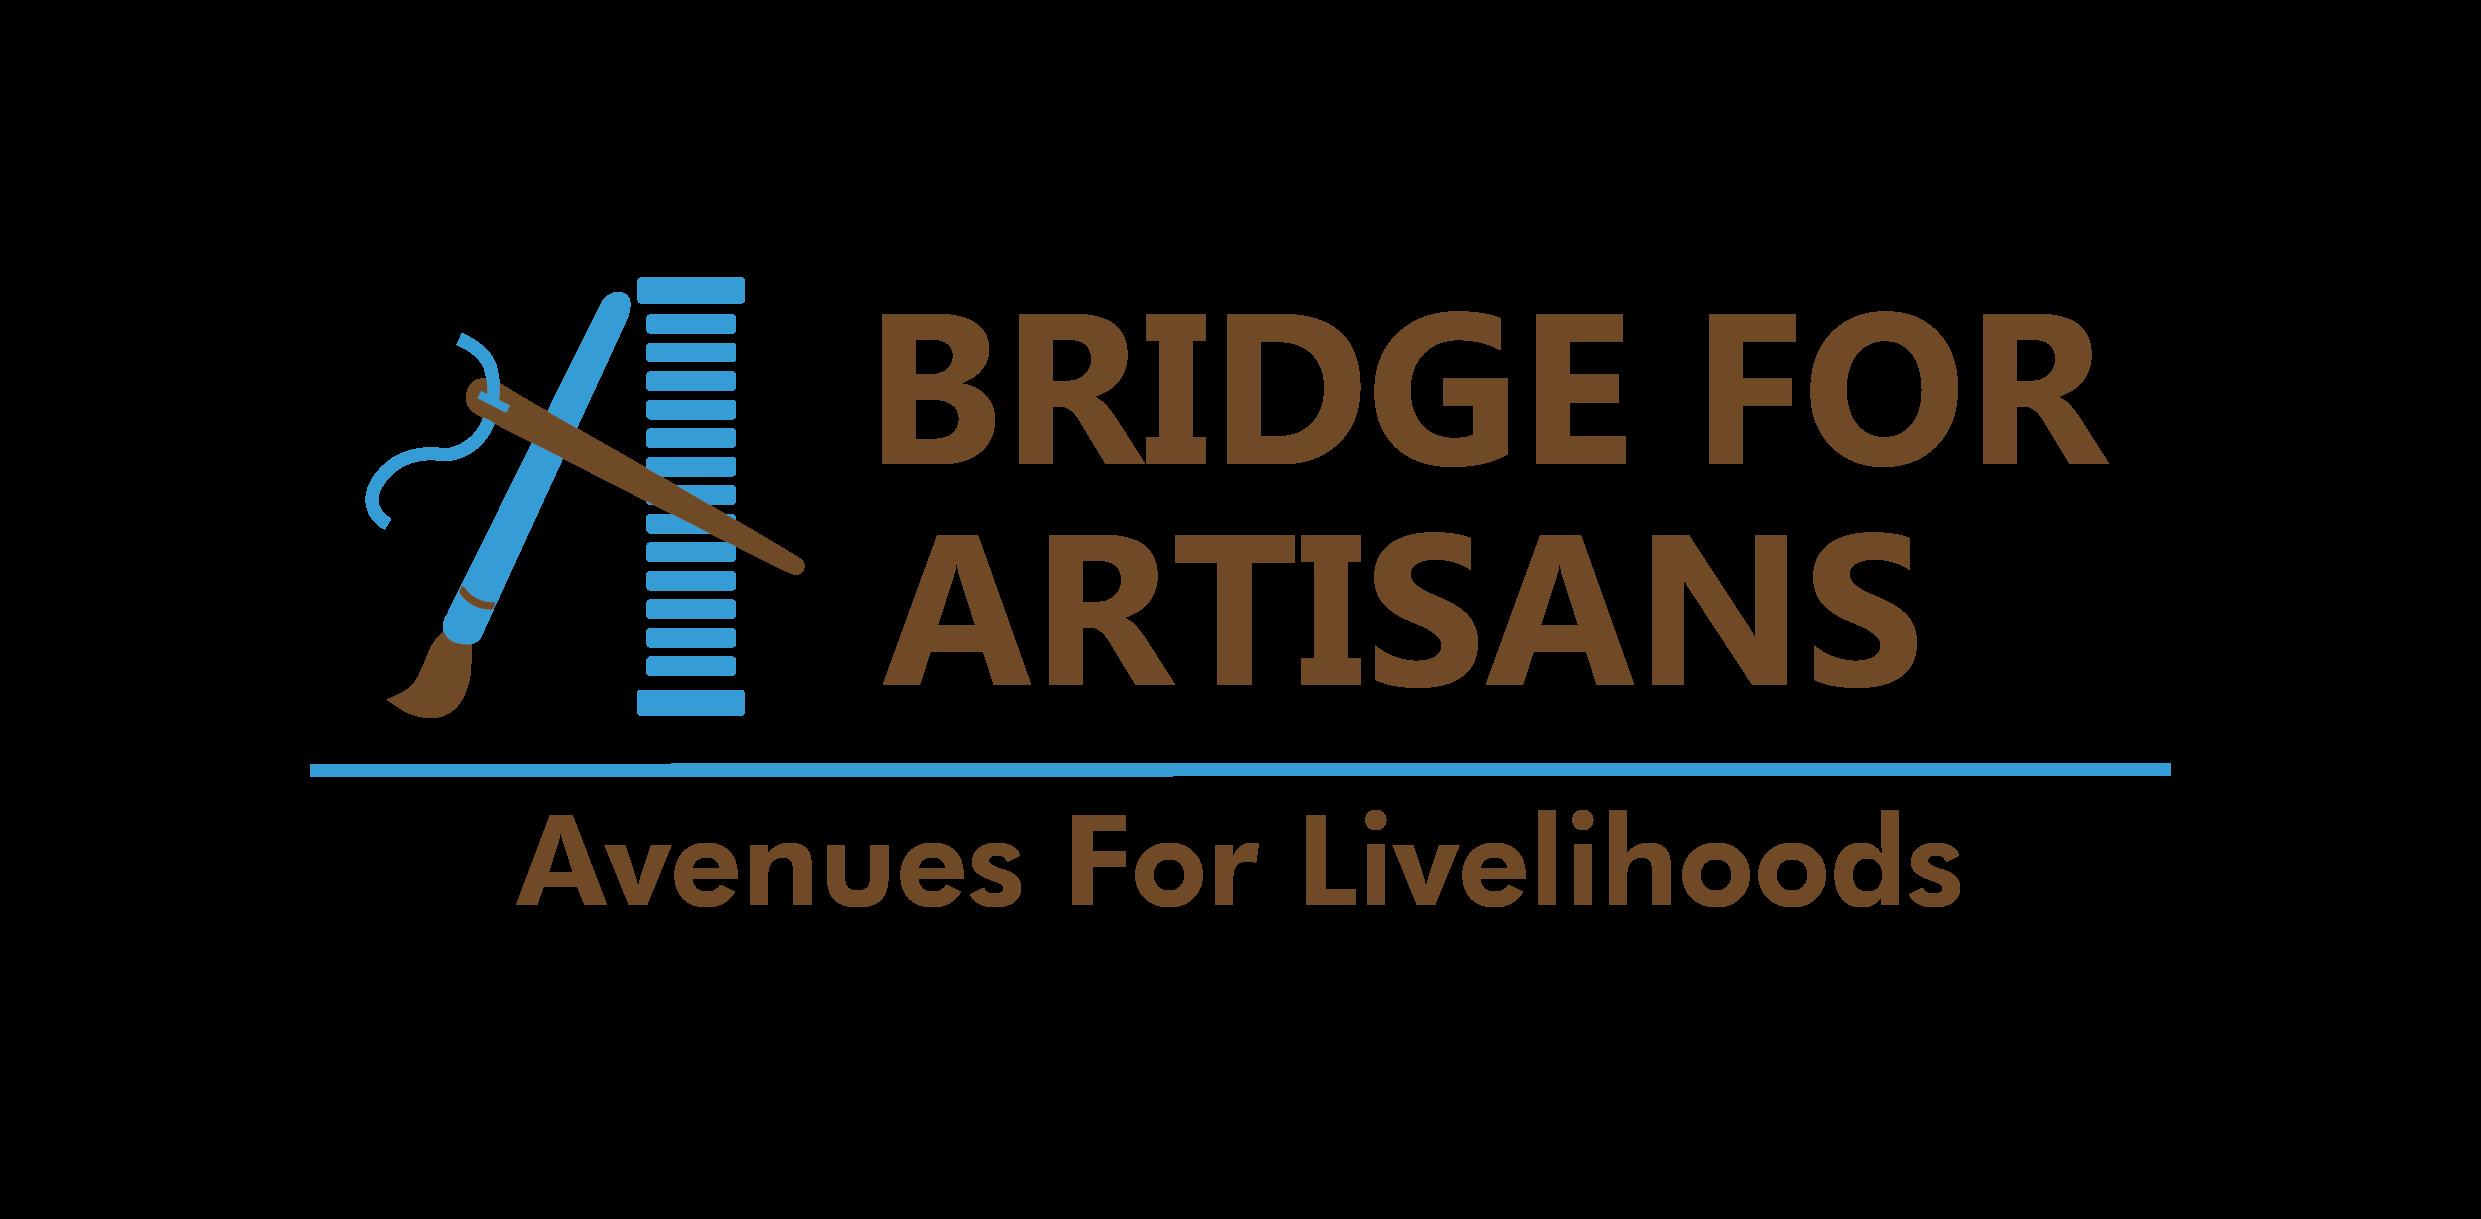 Bridge For Artisans